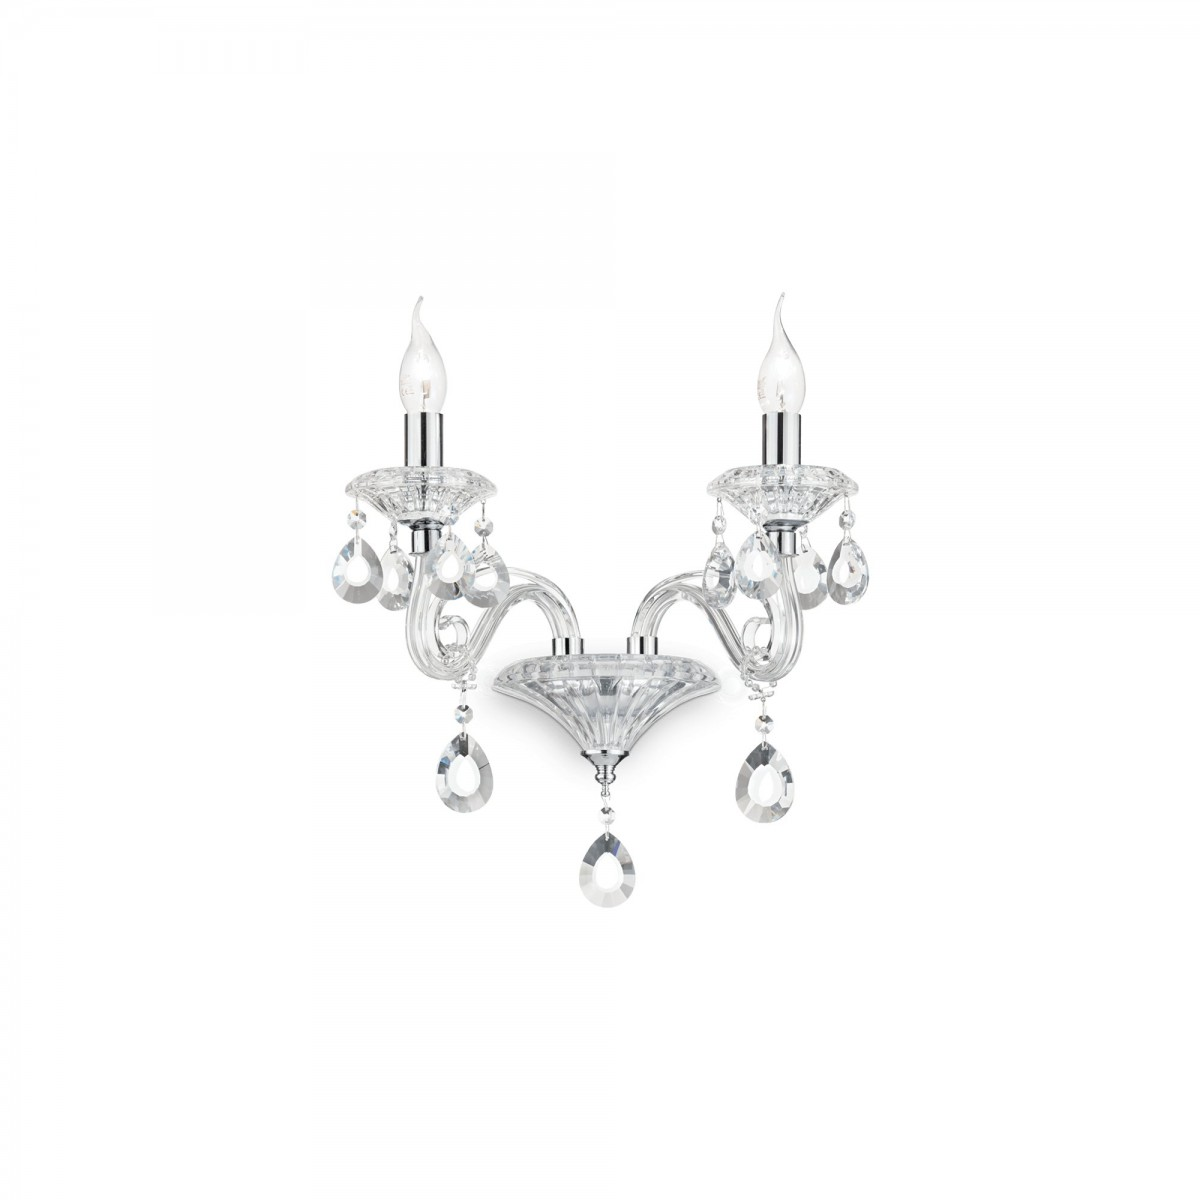 nástěnné svítidlo Ideal lux Negresco AP2 141046 2x40W E14 - dekorativní luxus